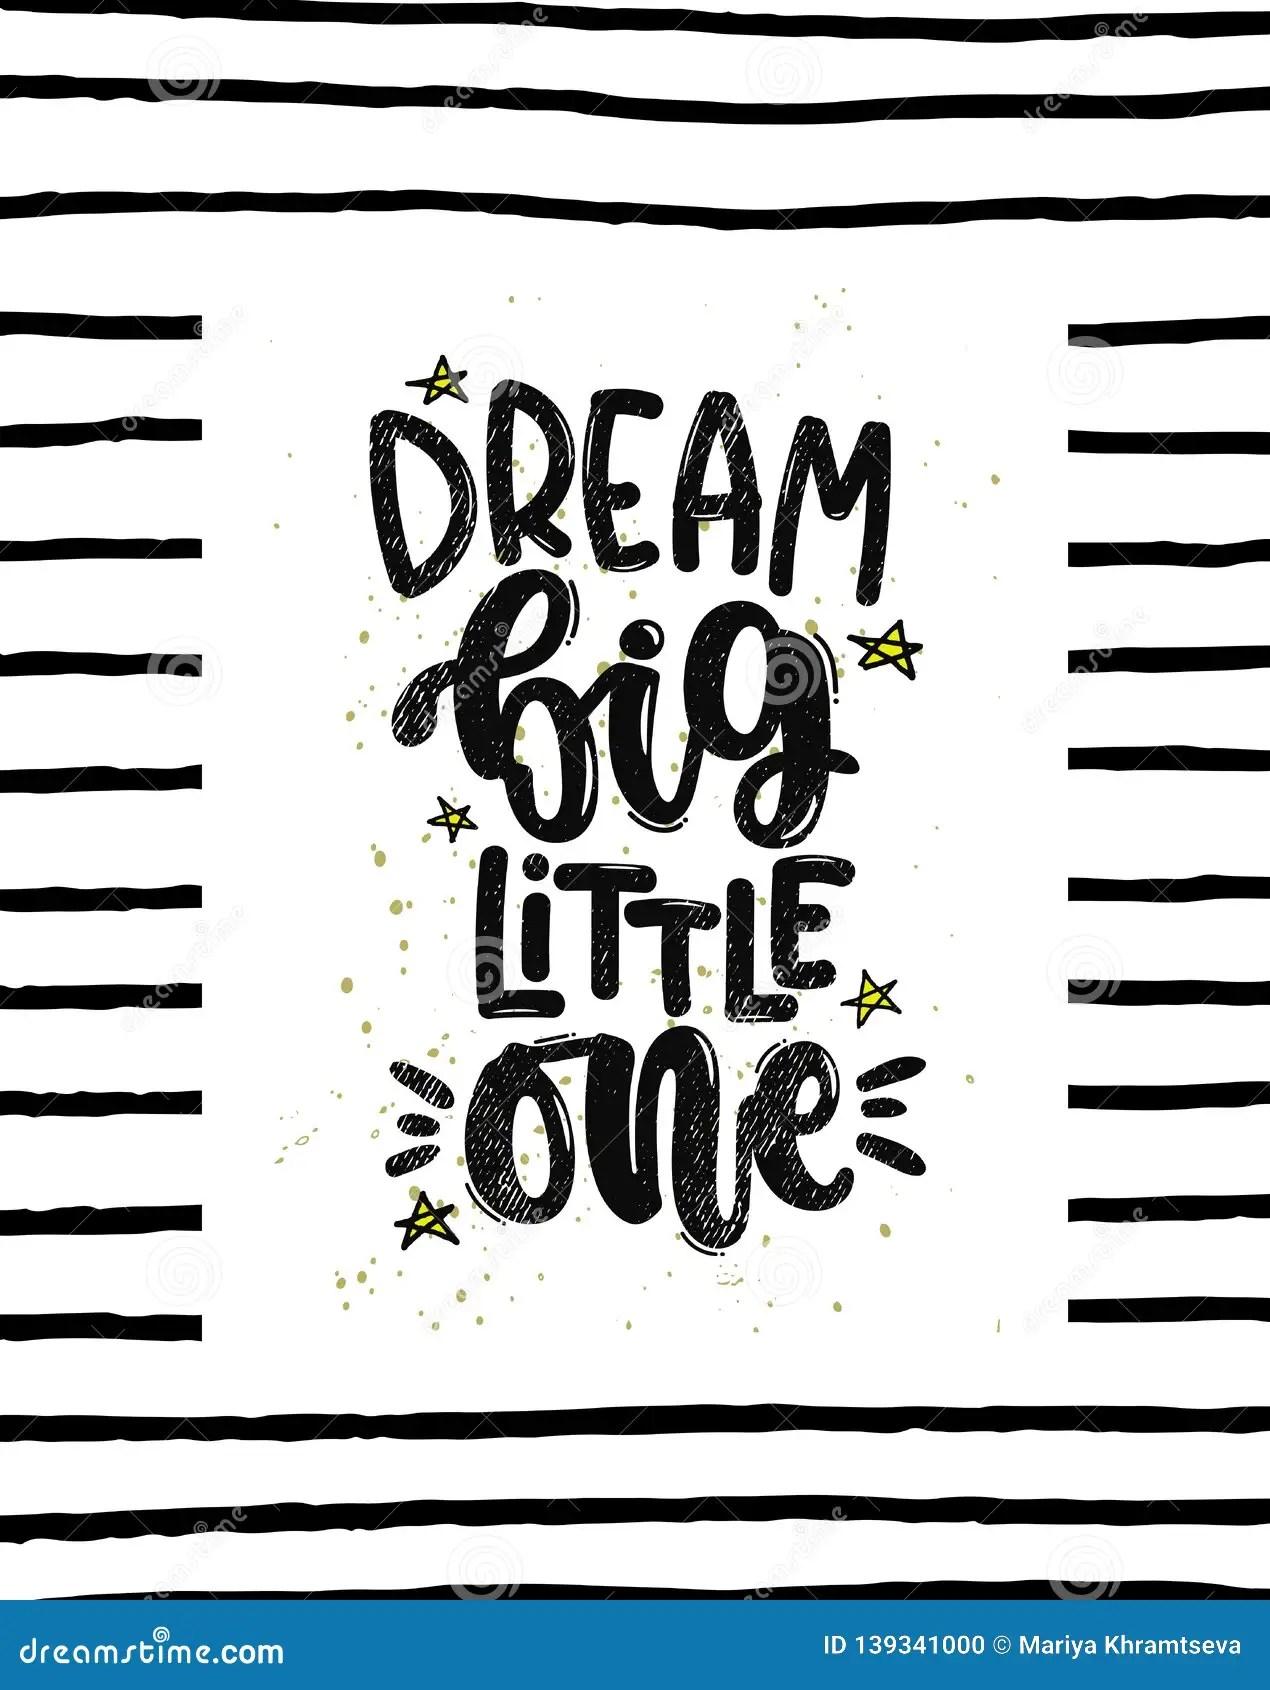 Dream Phrases : dream, phrases, Phrases, Dream, Stock, Illustrations, Illustrations,, Vectors, Clipart, Dreamstime